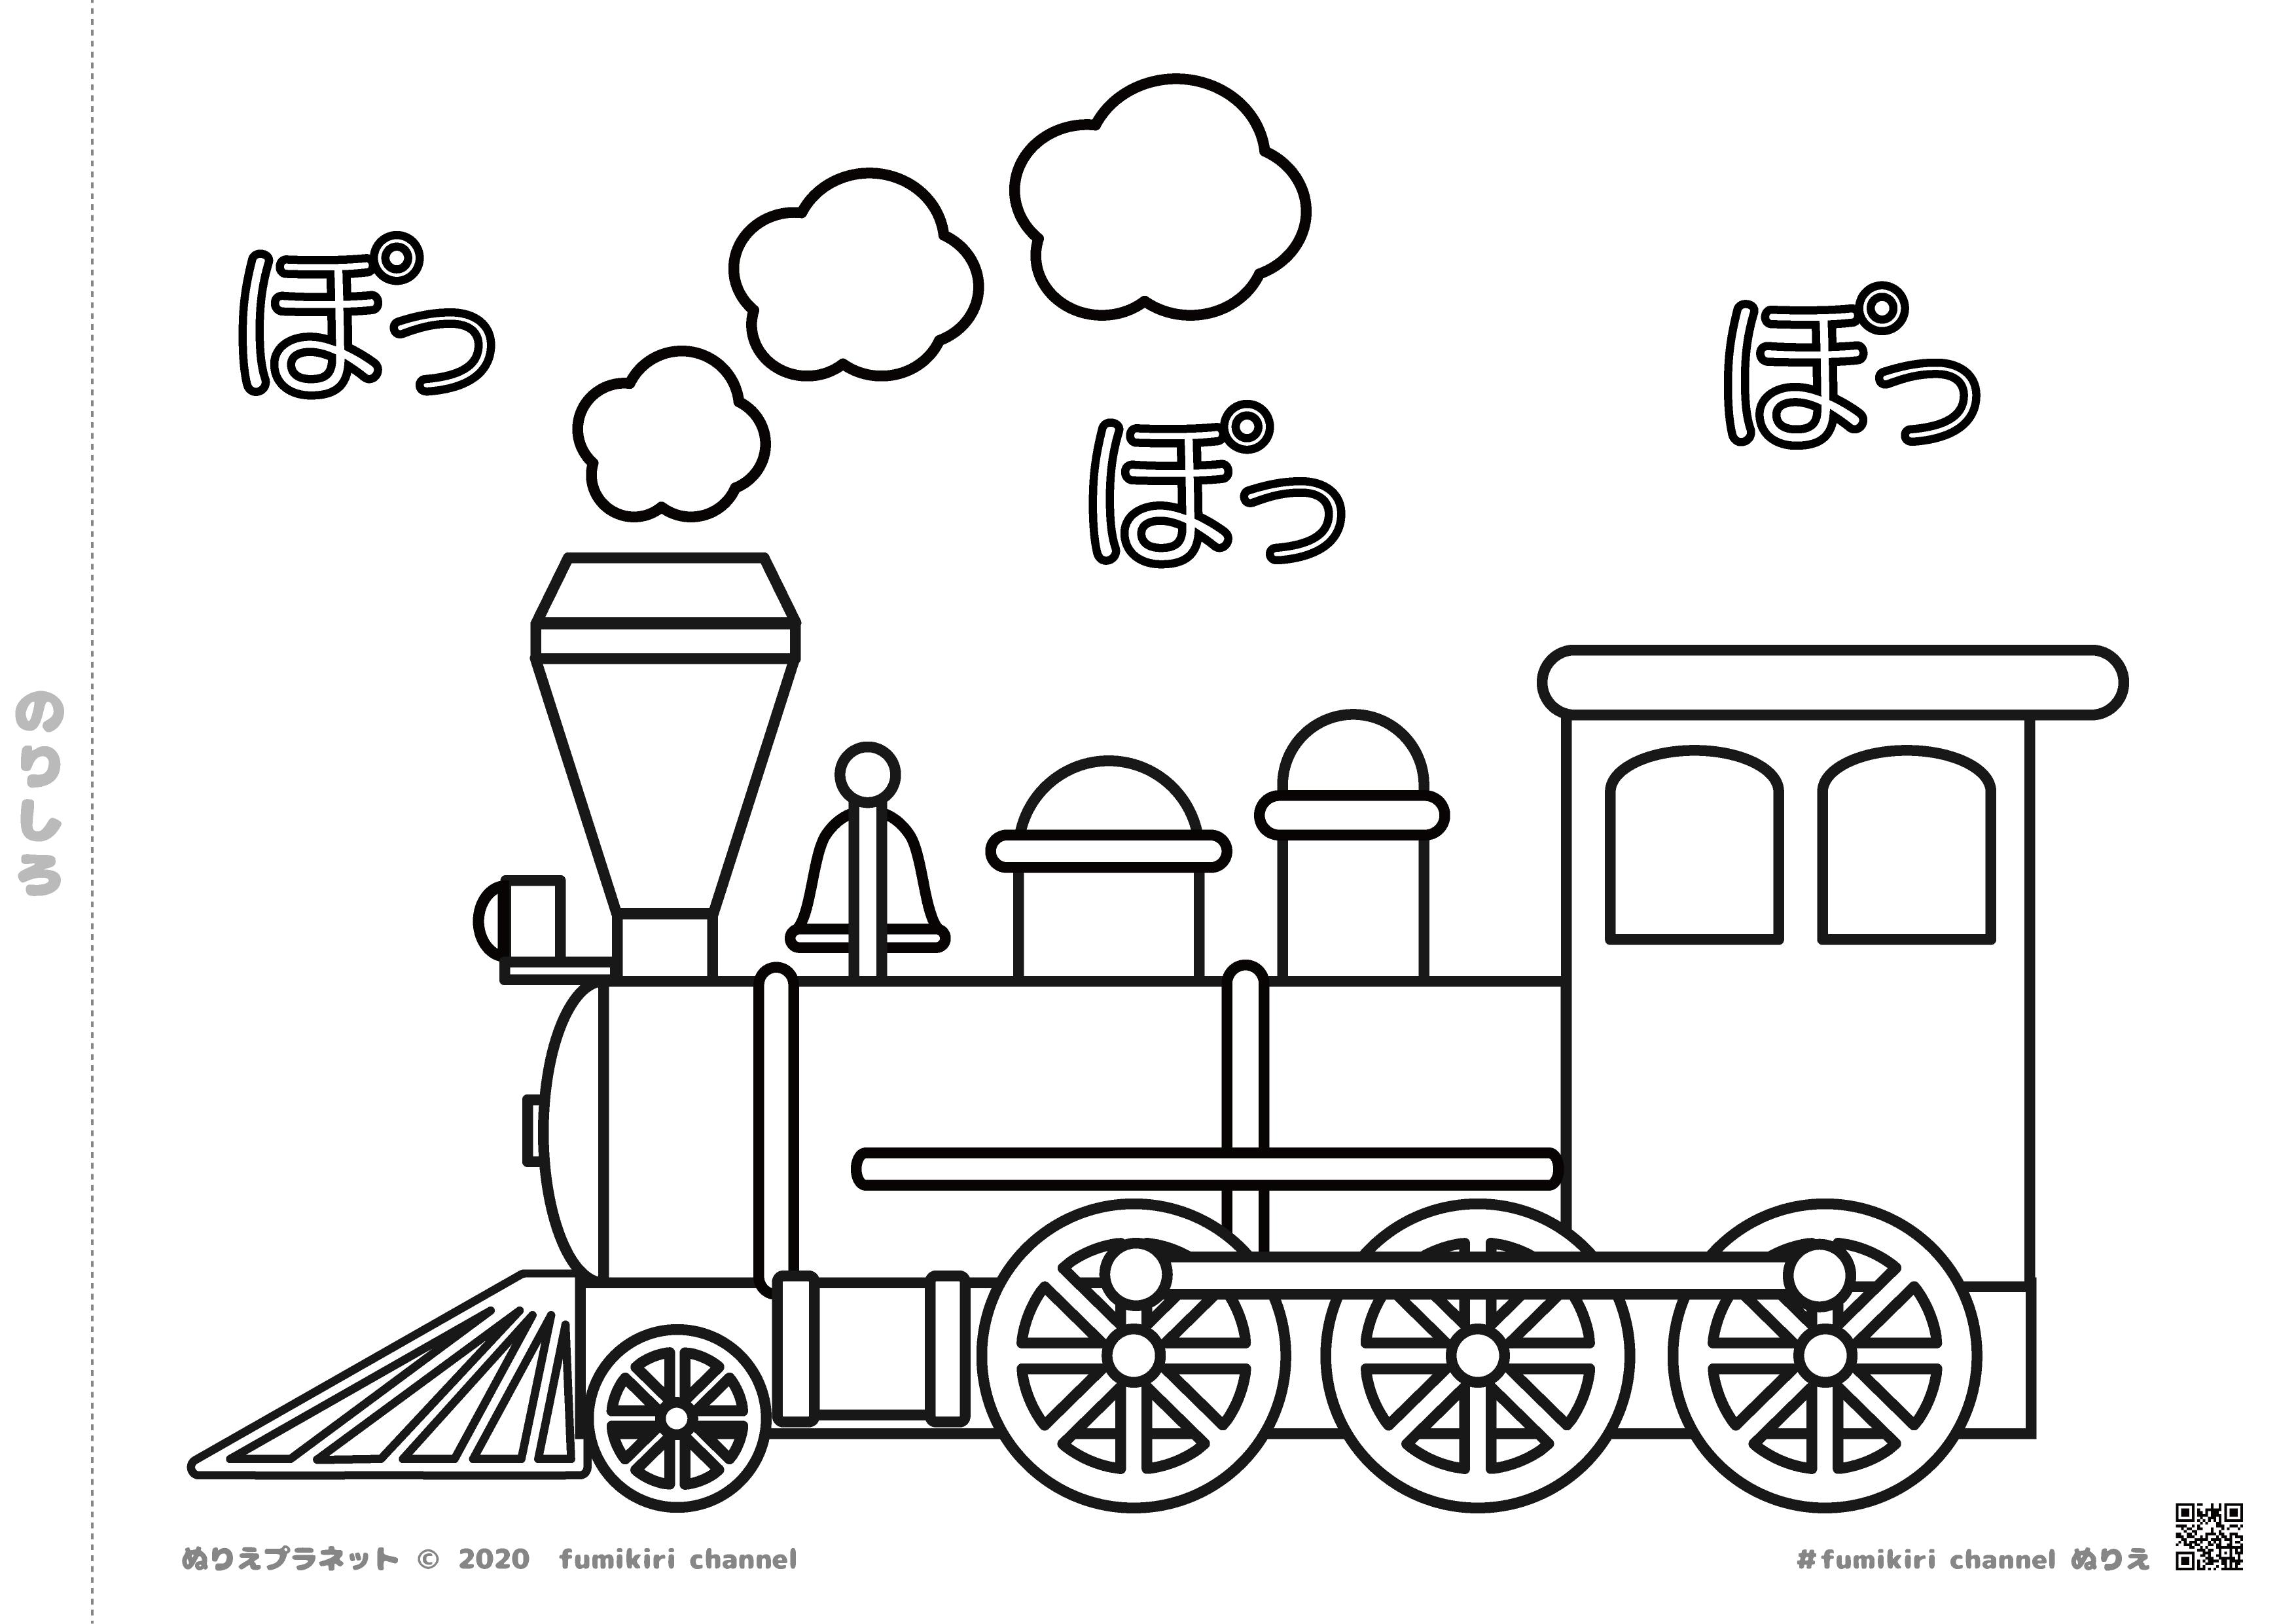 ぽっぽっぽと煙をだして走っていく機関車のぬりえ